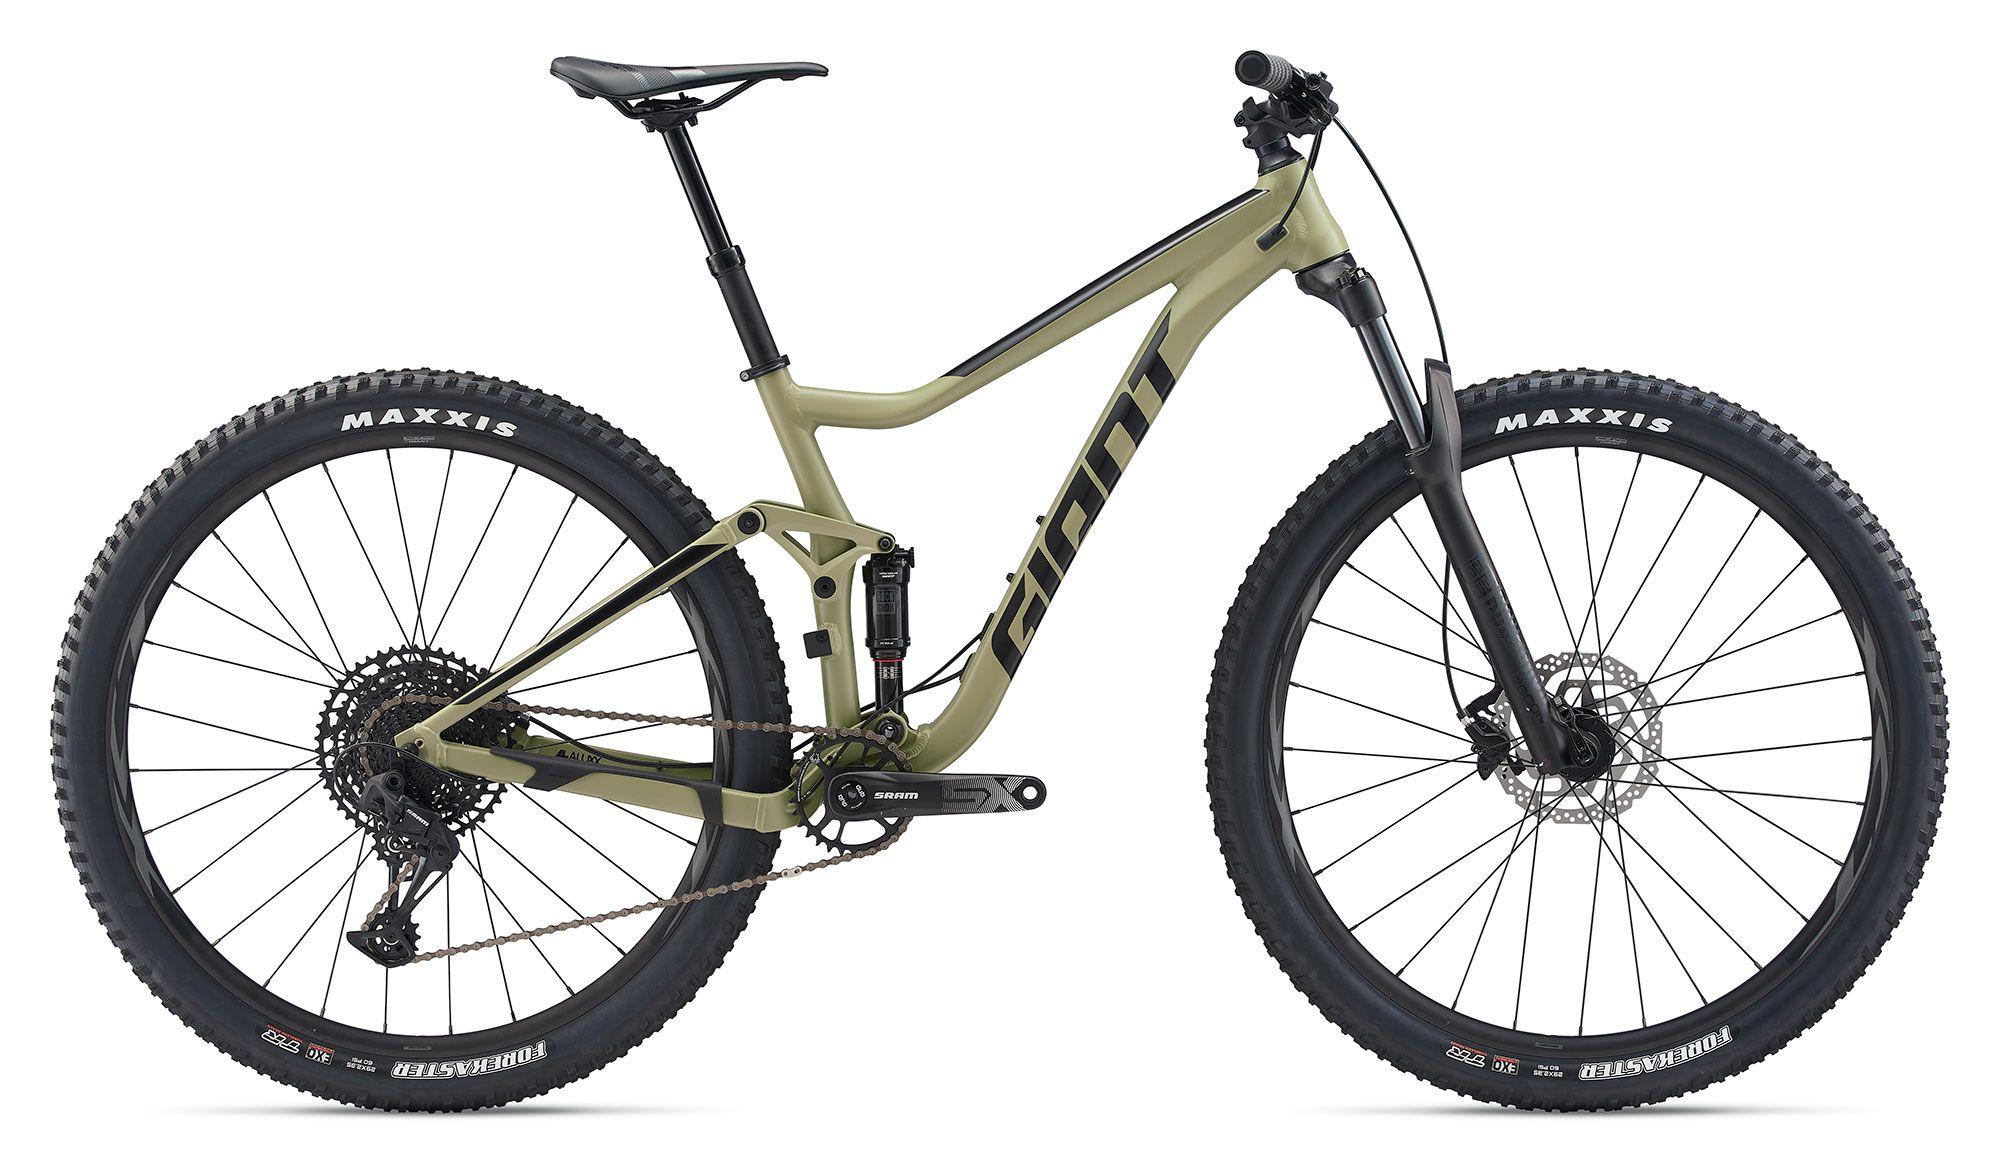 Giant Stance 1 29er Mountain Bike 2020 | Mountainbikes